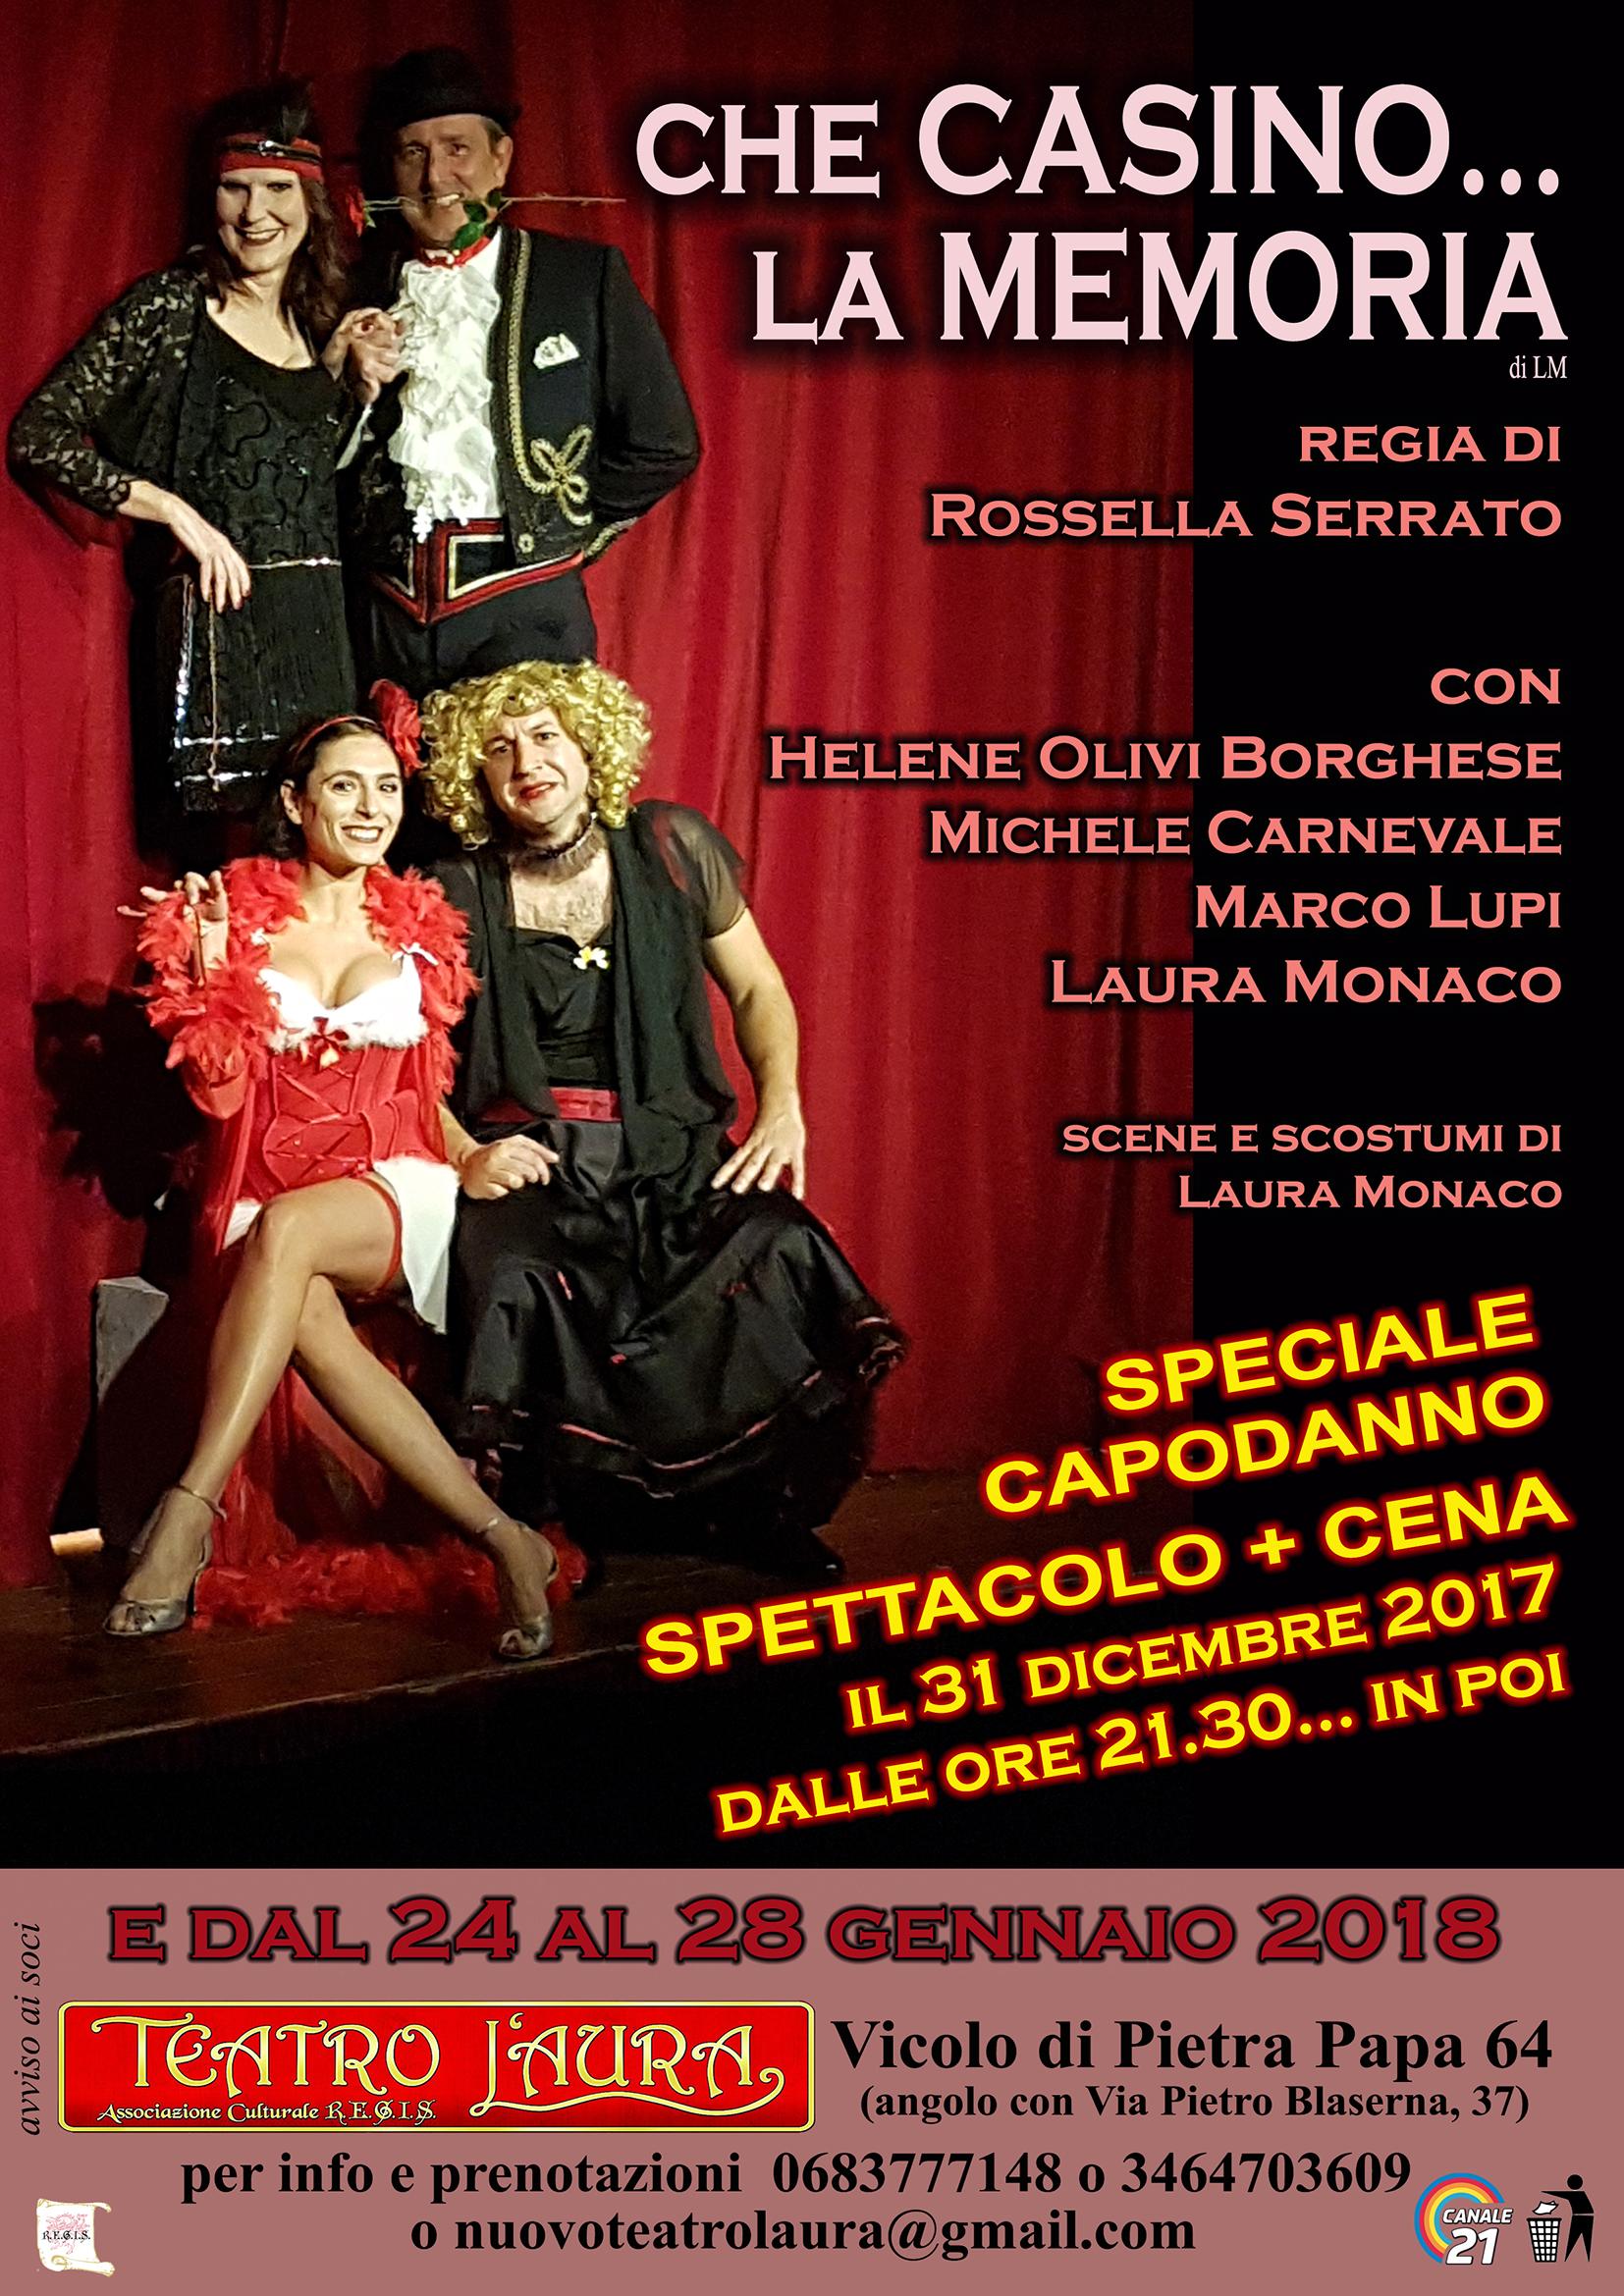 Che casino... la memoria, il 31 dicembre 2017 al Teatro L'Aura